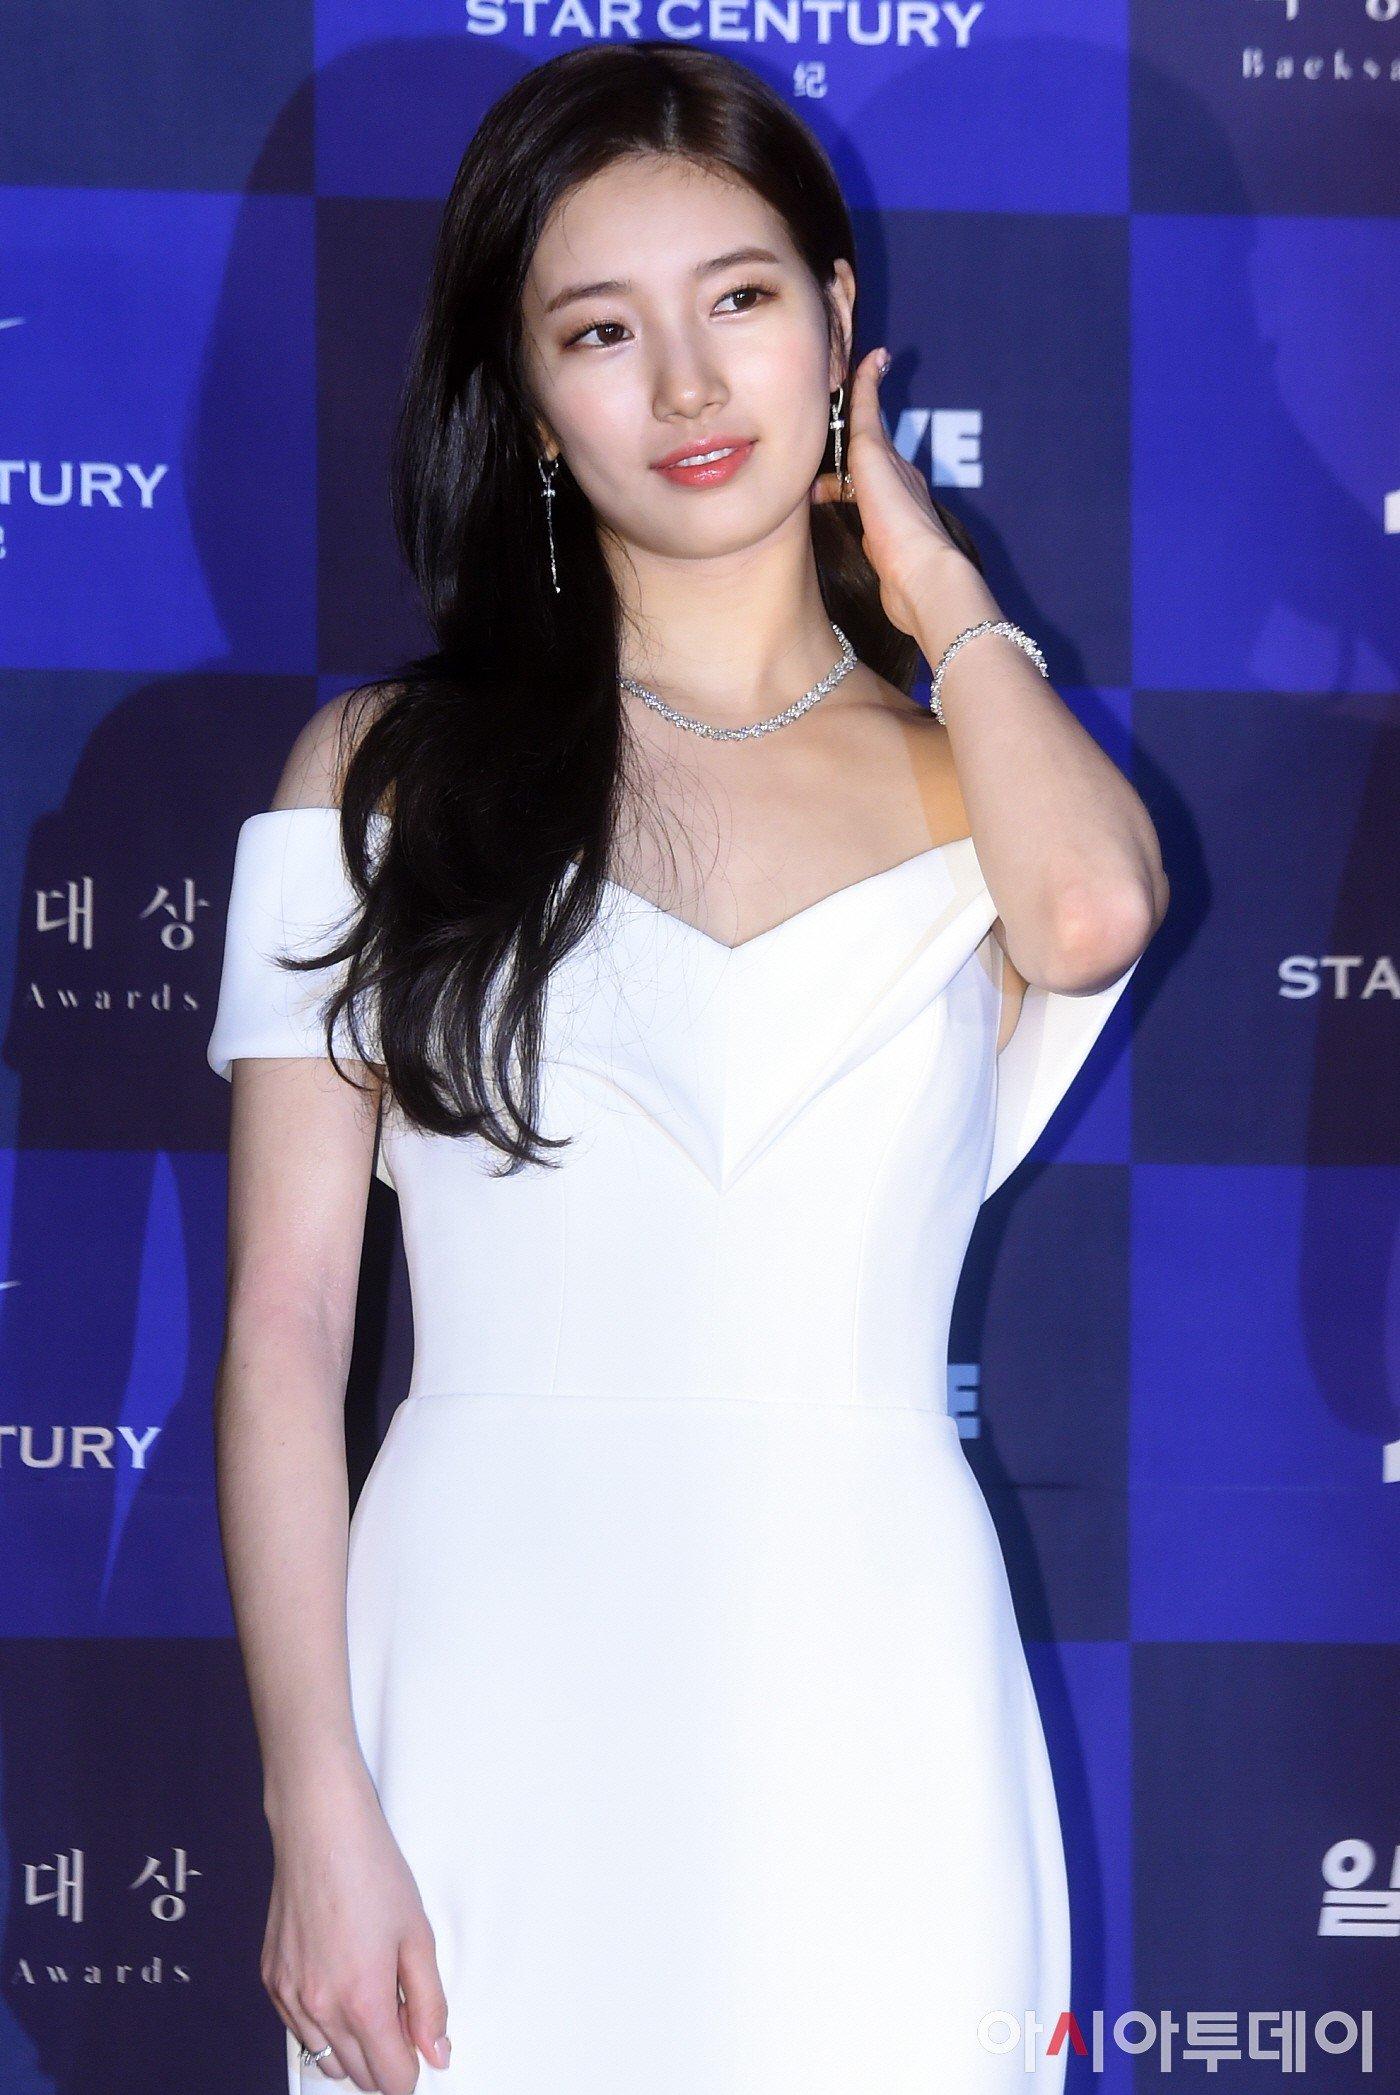 Hình hậu trường nóng hổi của Suzy tại Baeksang: Sải bước ở hầm để xe mà sang như bà hoàng, đẹp hơn cả đi thảm đỏ 14